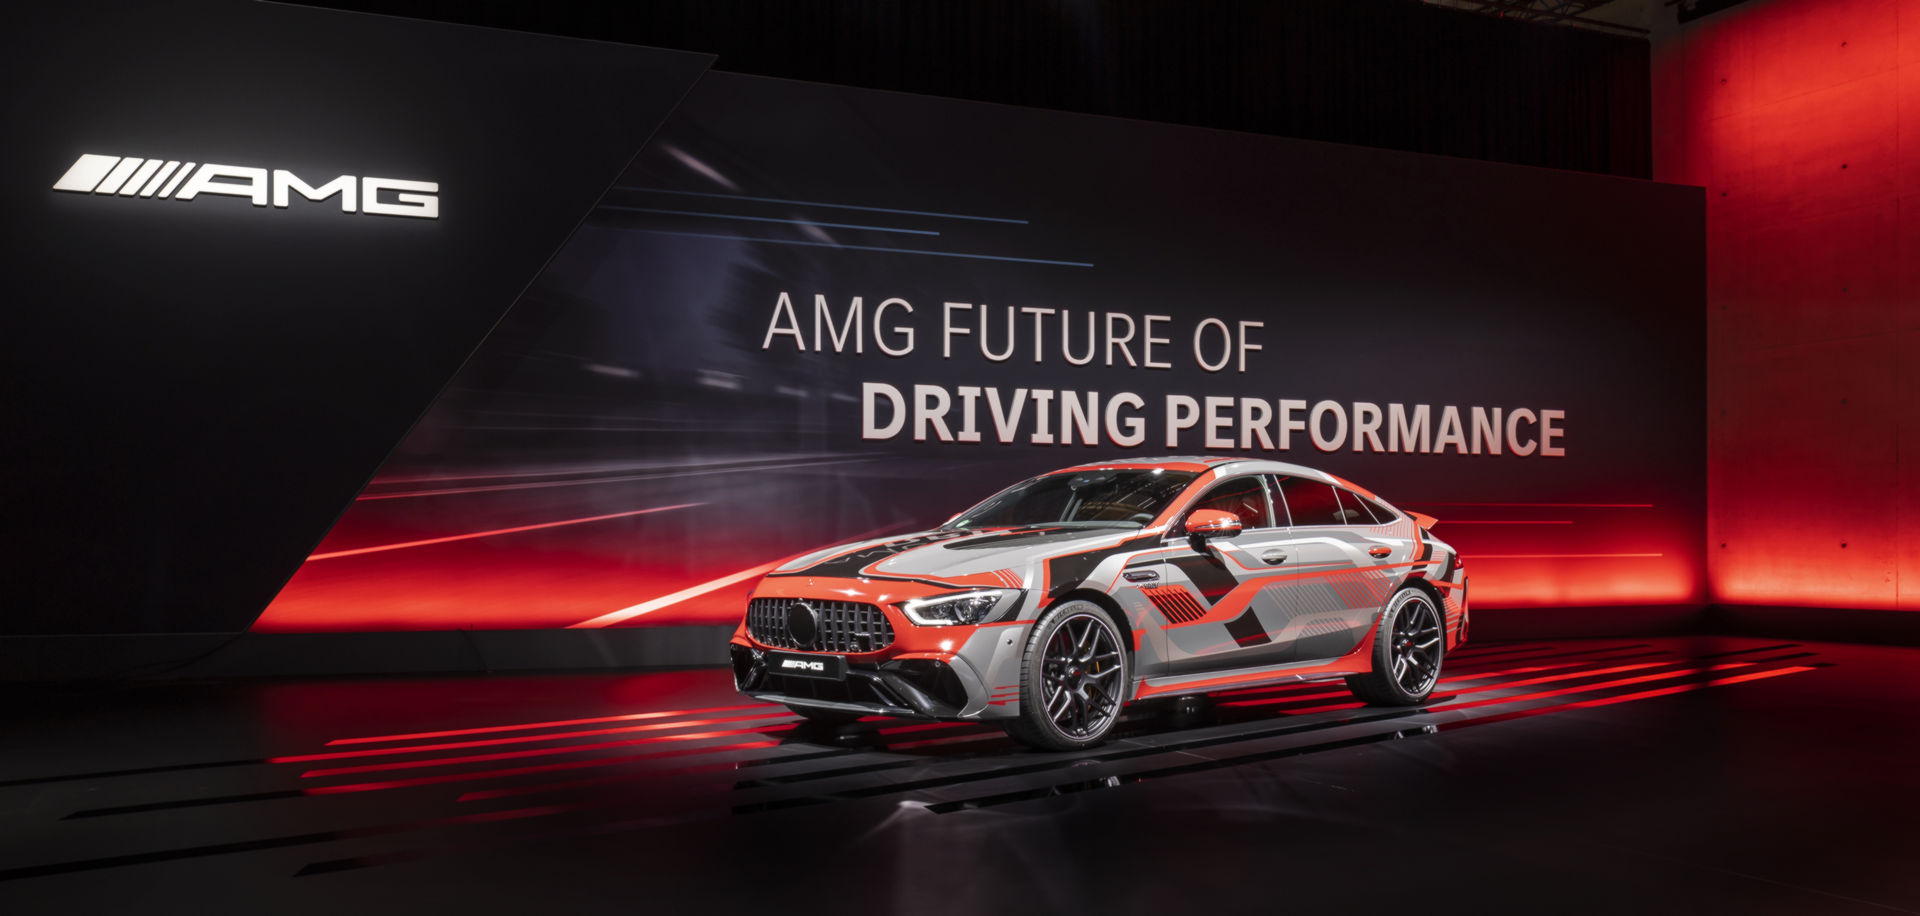 مرسيدس AMG الهجينة